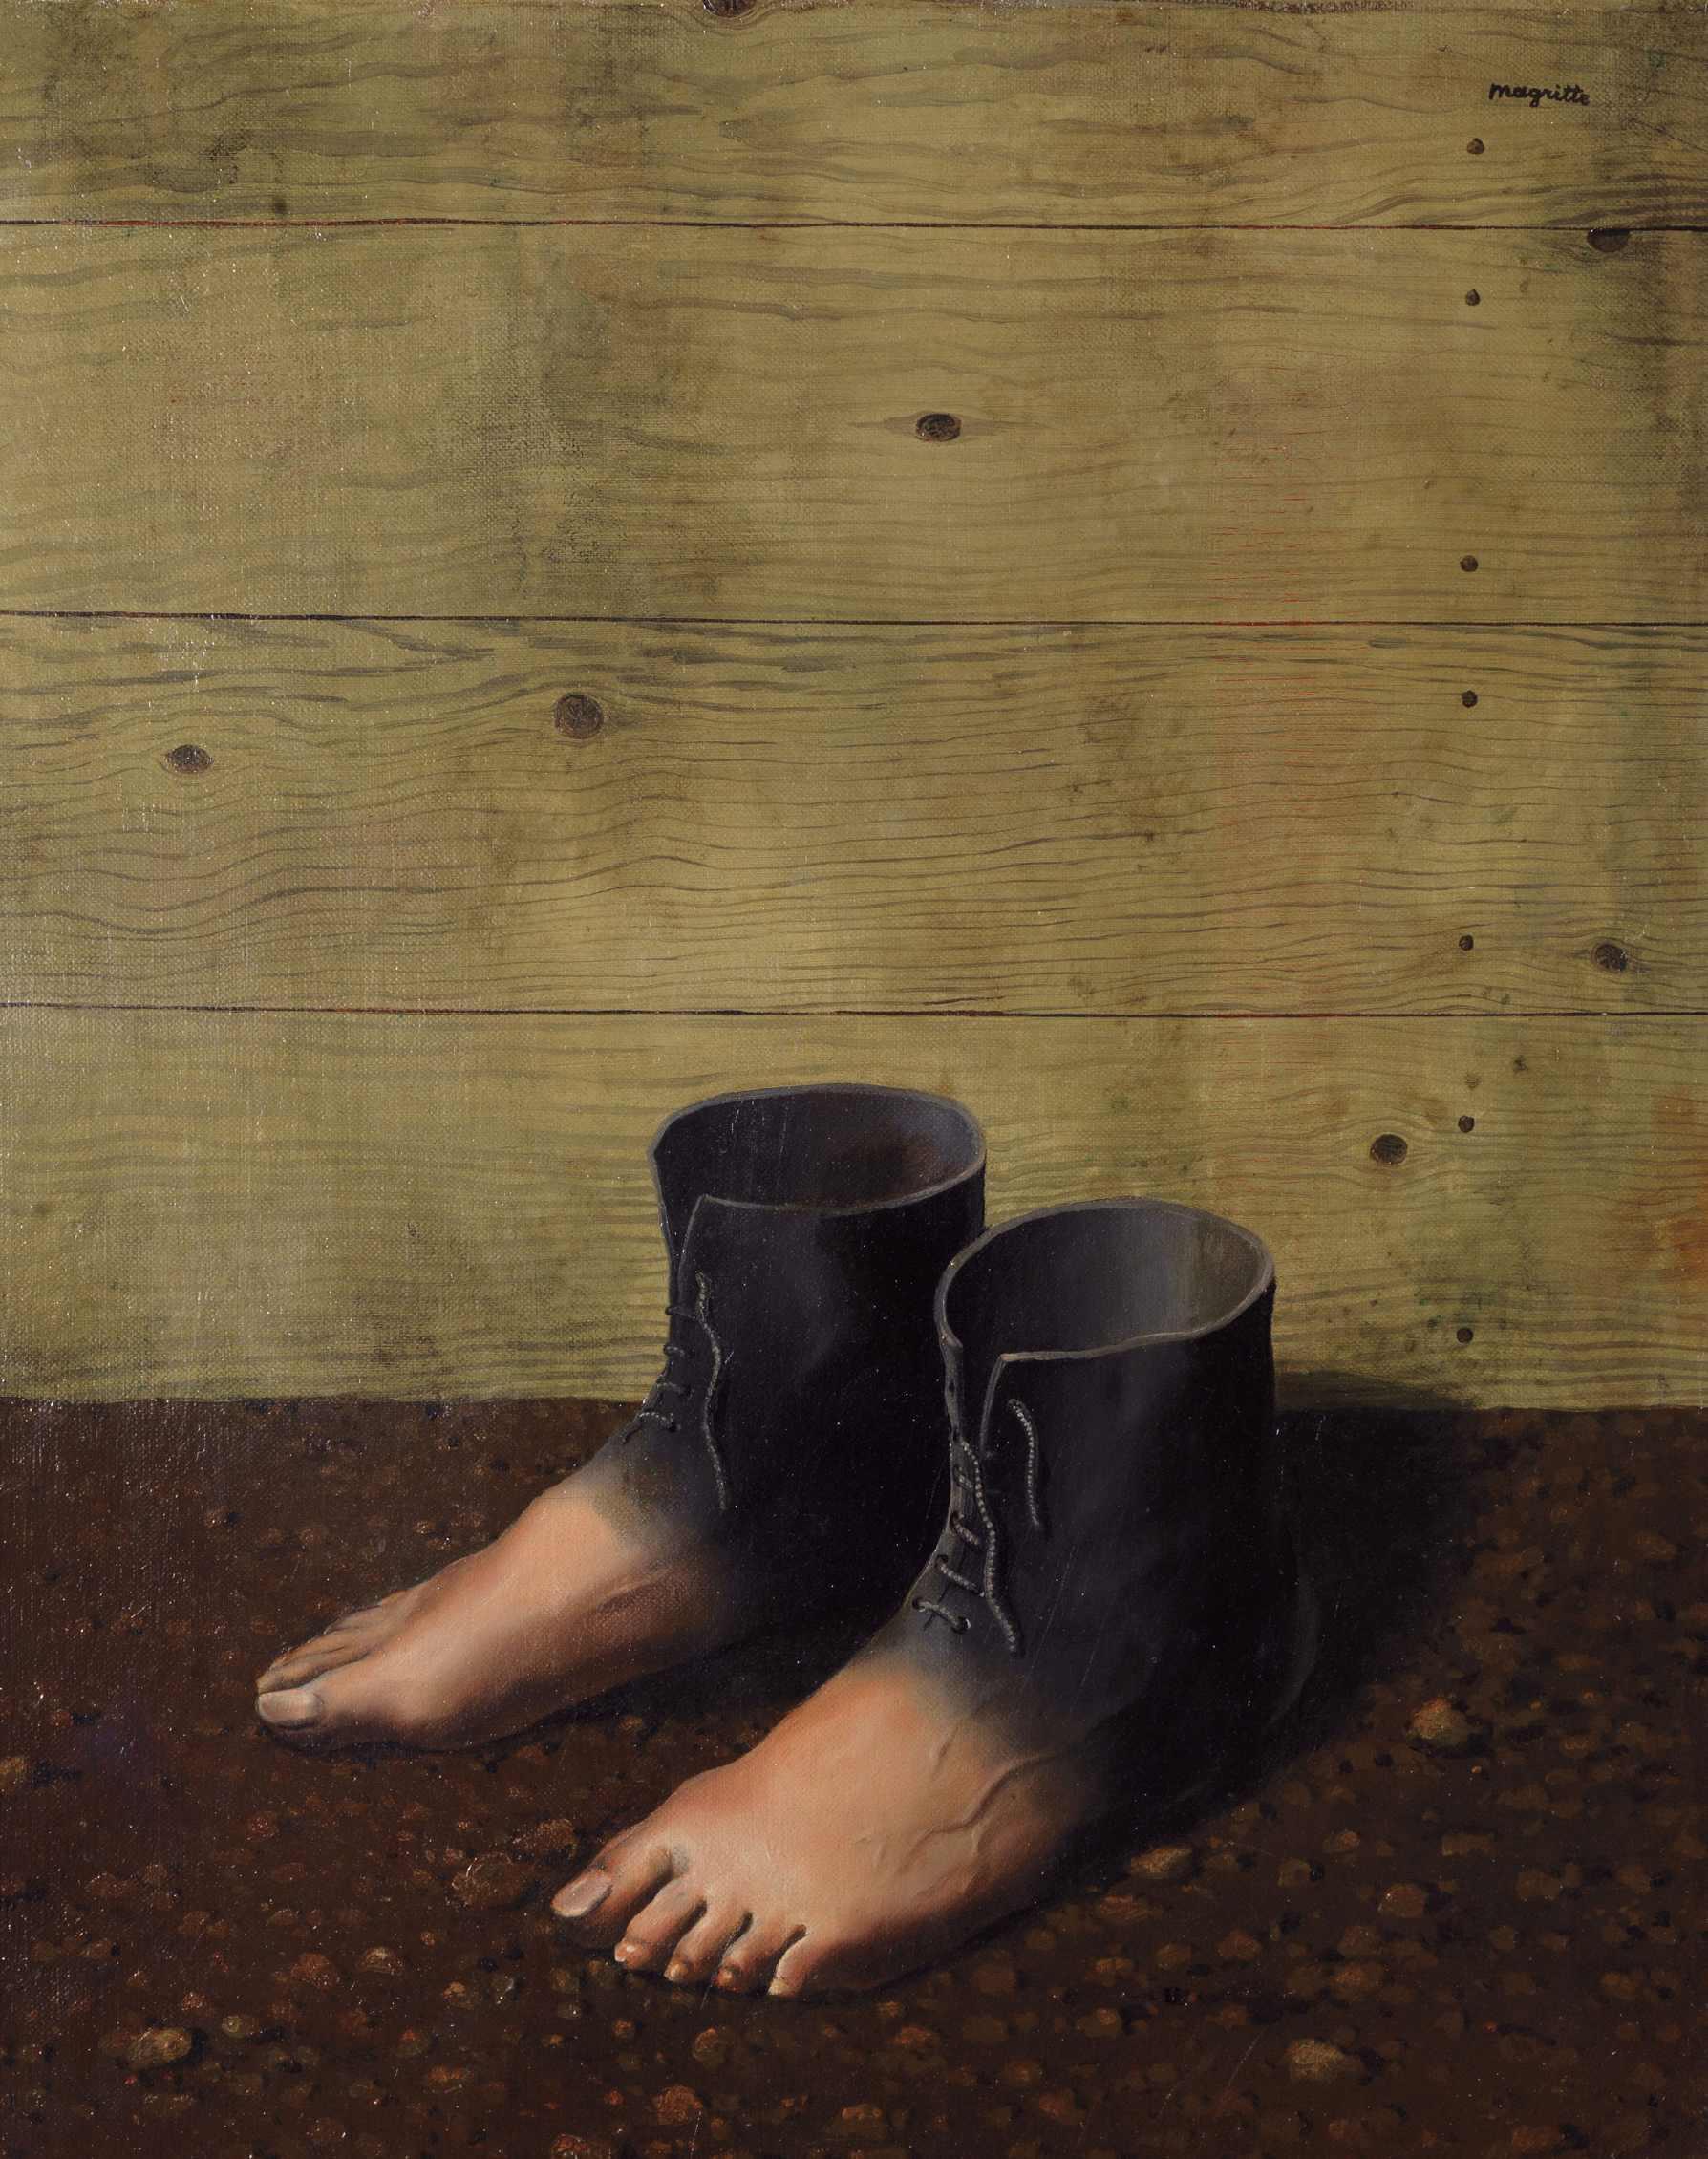 """Képtalálat a következőre: """"A szürrealista mozgalom Dalítól Magritte-ig – Válság és újjászületés 1929-ben"""""""